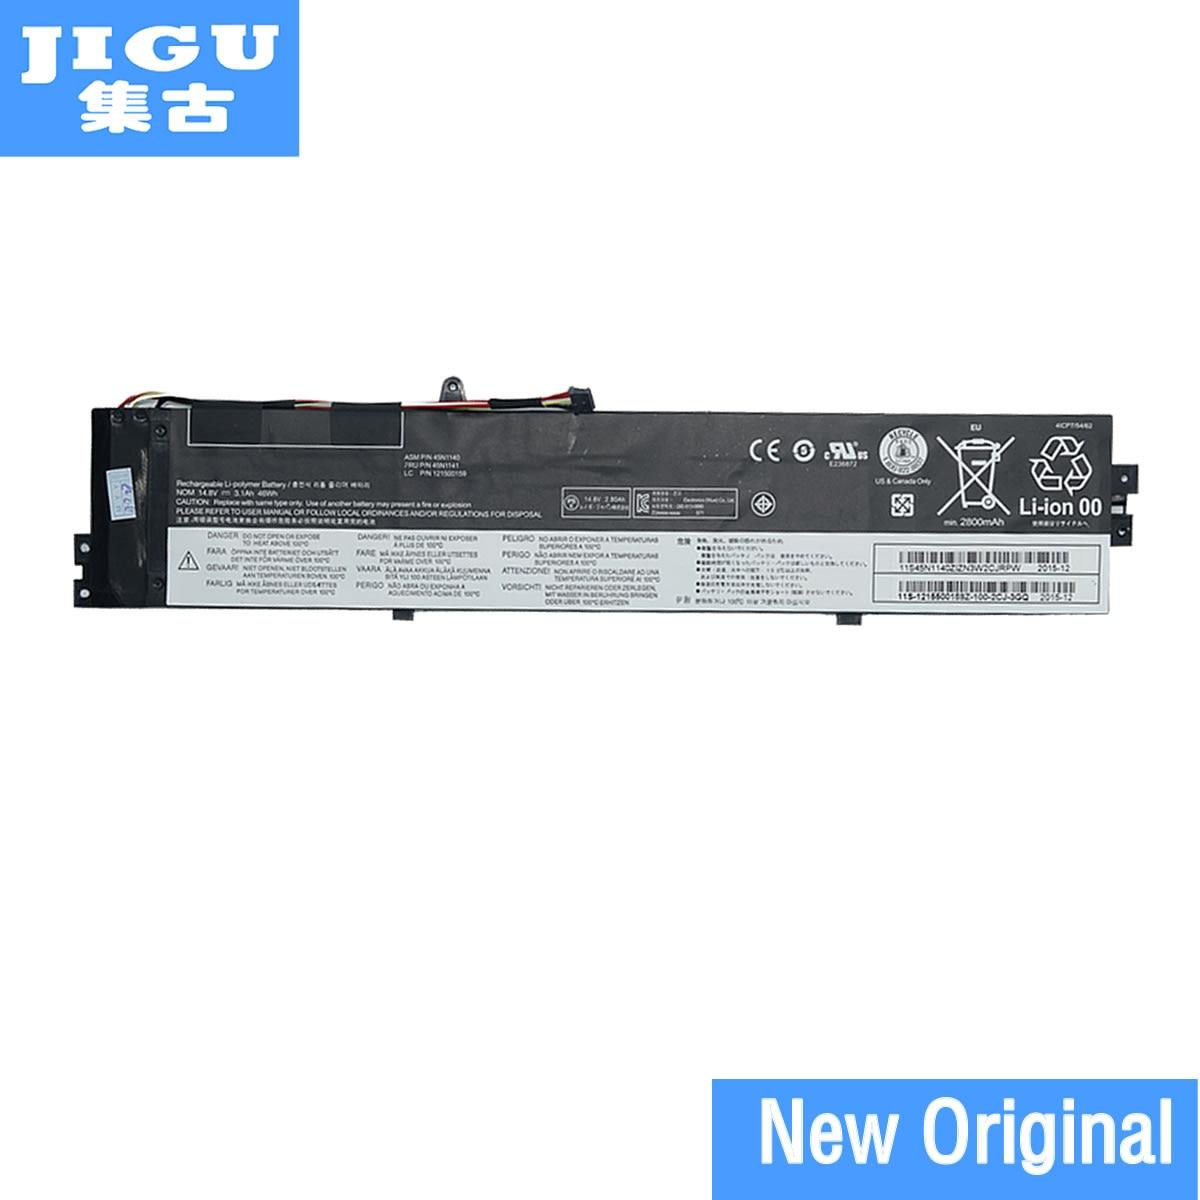 JIGU 45N1138 45N1139 45N1140 45N1141 121500158 D'origine batterie d'ordinateur portable Pour Lenovo Pour ThinkPad S431 S440 V4400u S3 S5